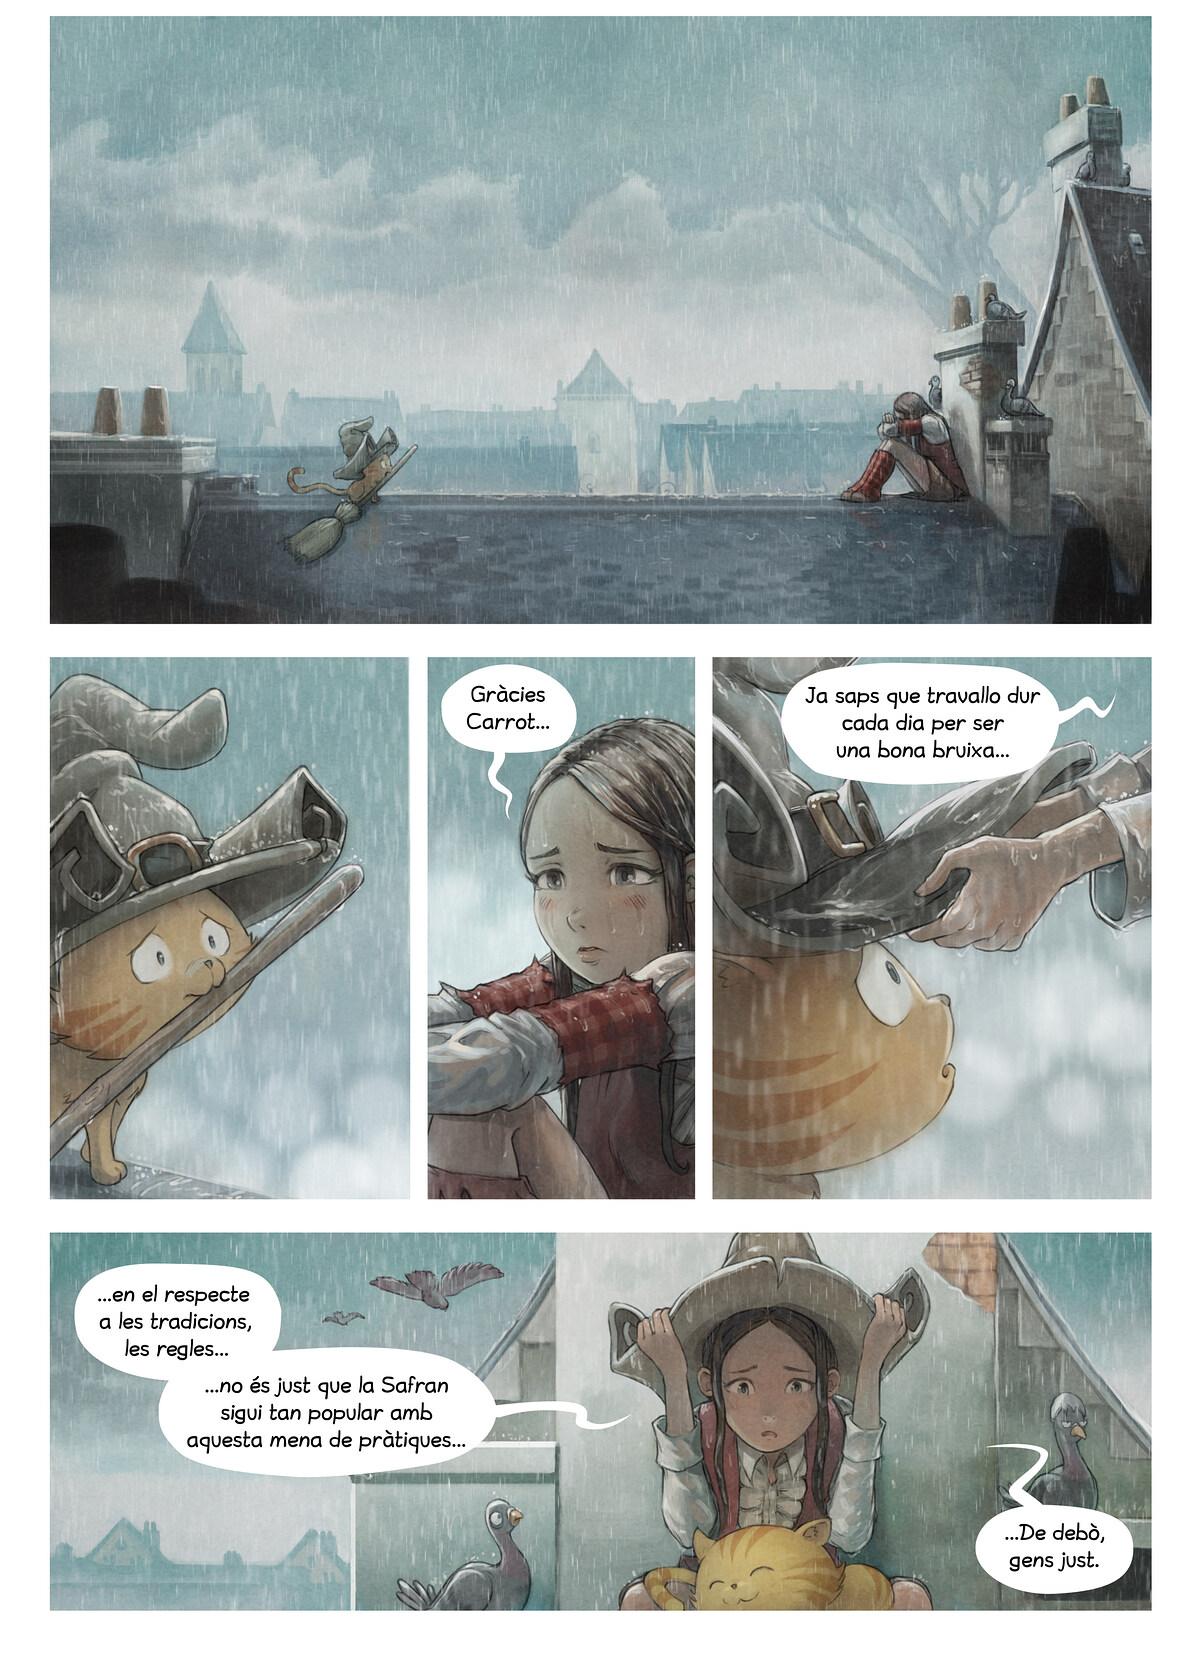 A webcomic page of Pepper&Carrot, episodi 23 [ca], pàgina 2